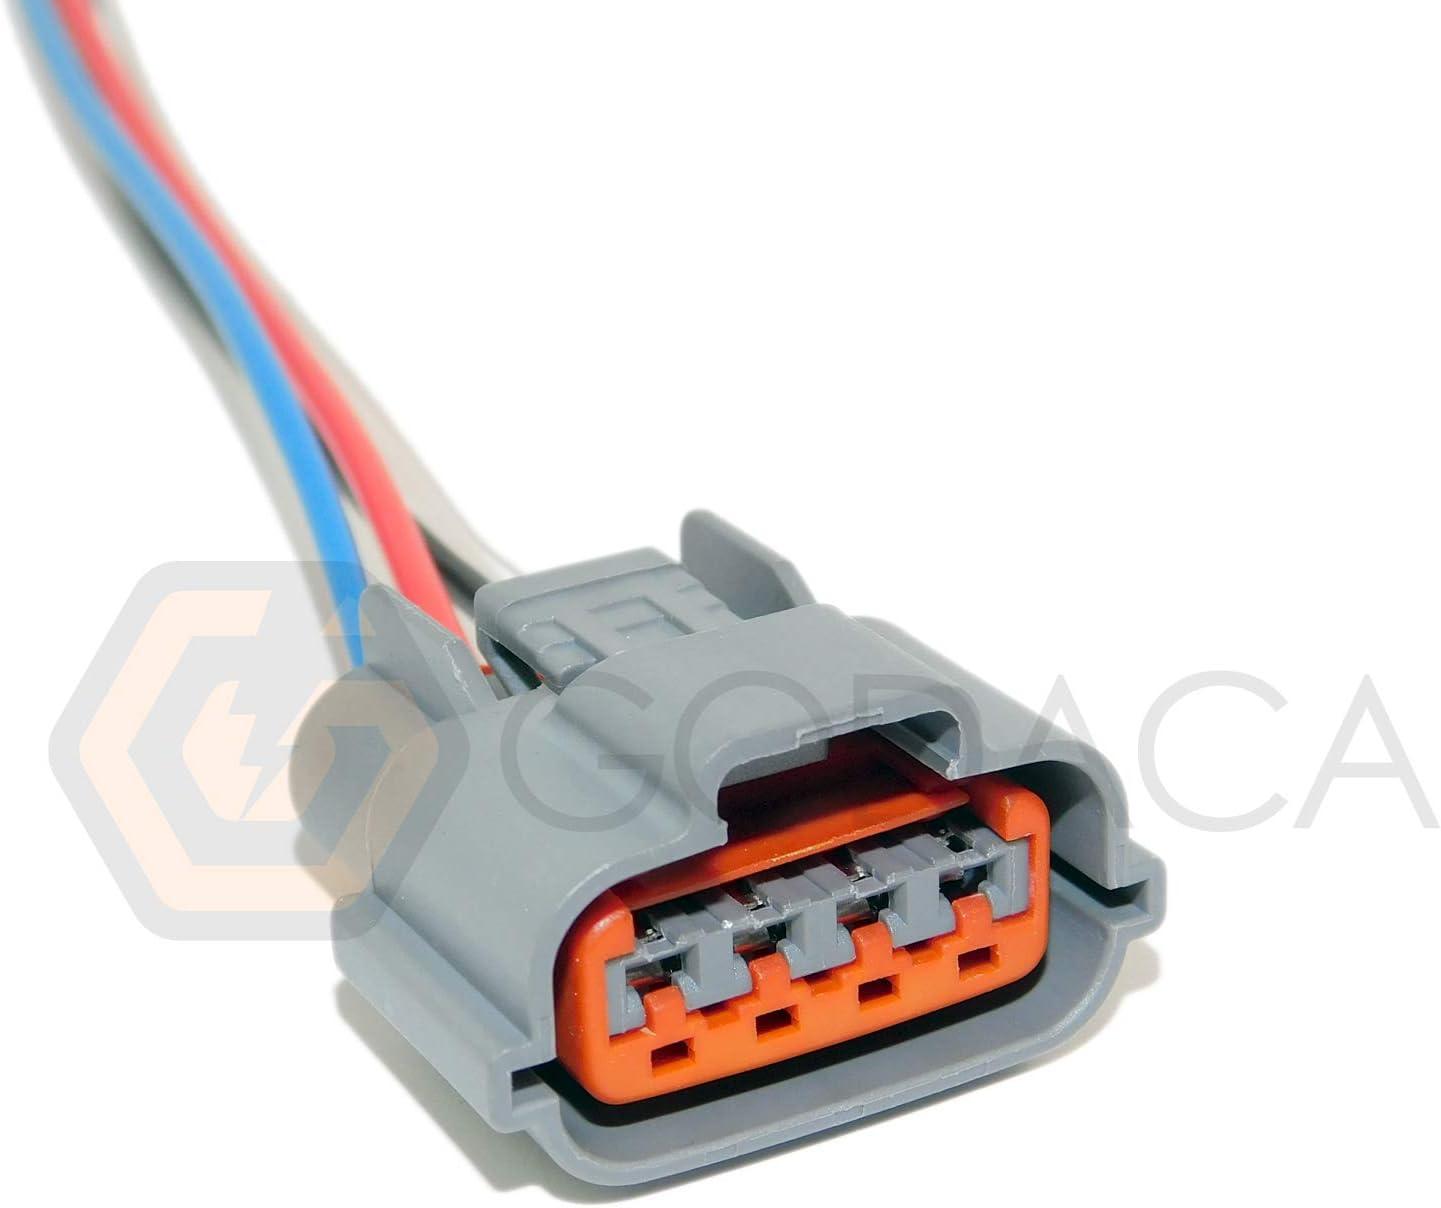 Amazon Com 1x Connector 4 Way 4 Pin For Alternator Nissan 23100 9y500 Automotive